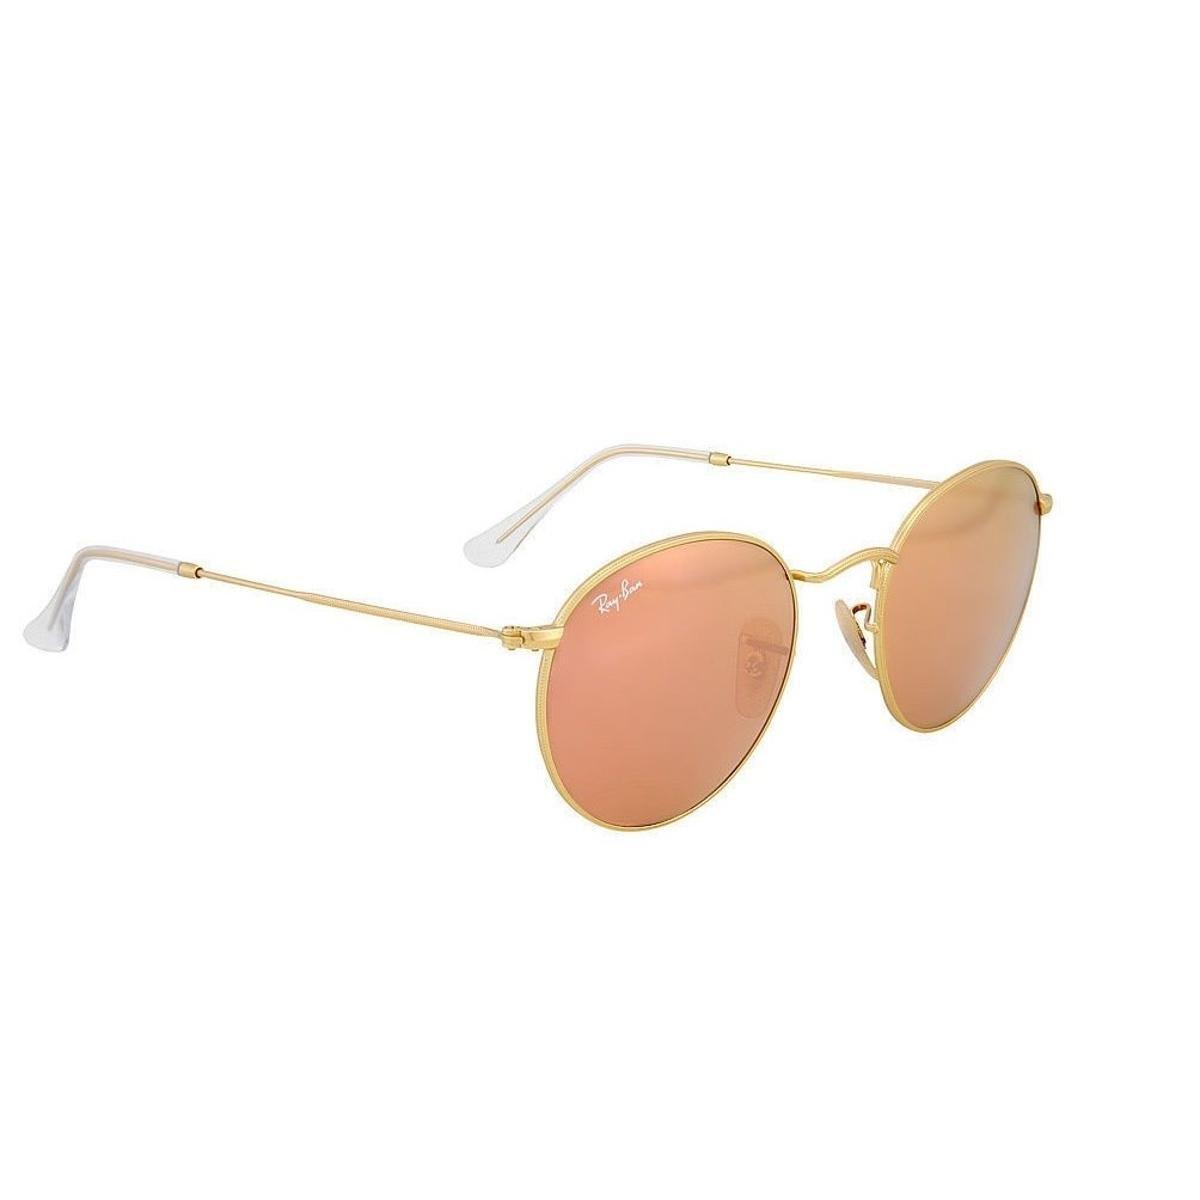 Óculos de Sol Ray Ban 3447L 112 Z2 - Dourado - Compre Agora   Zattini 1b7d39adcd